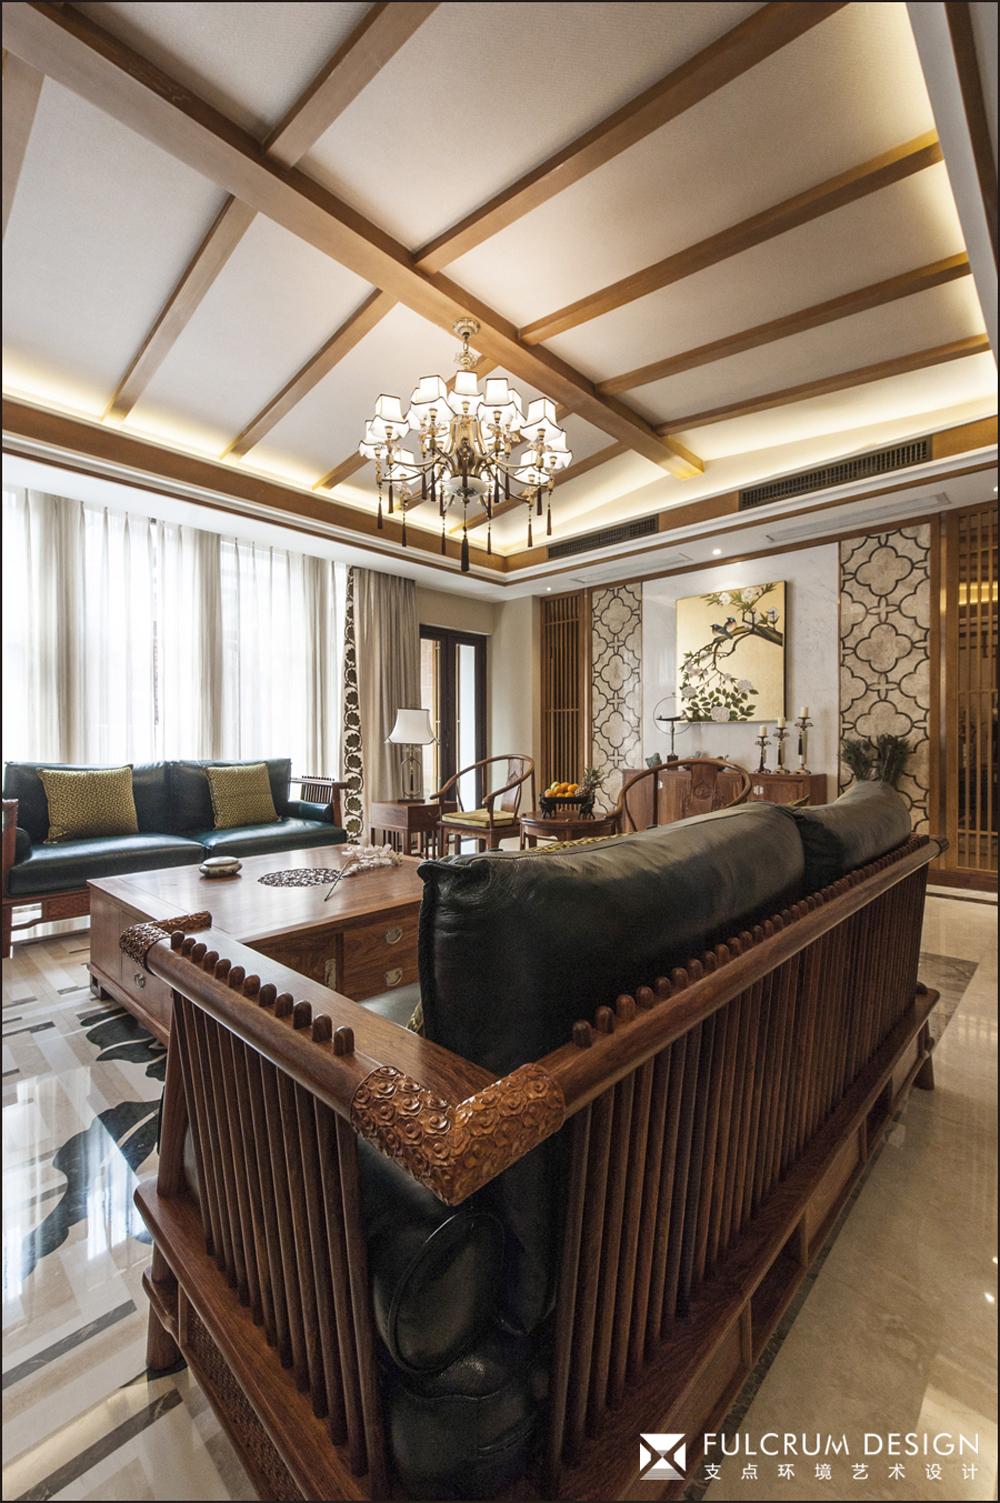 中式风格别墅客厅吊顶装修效果图